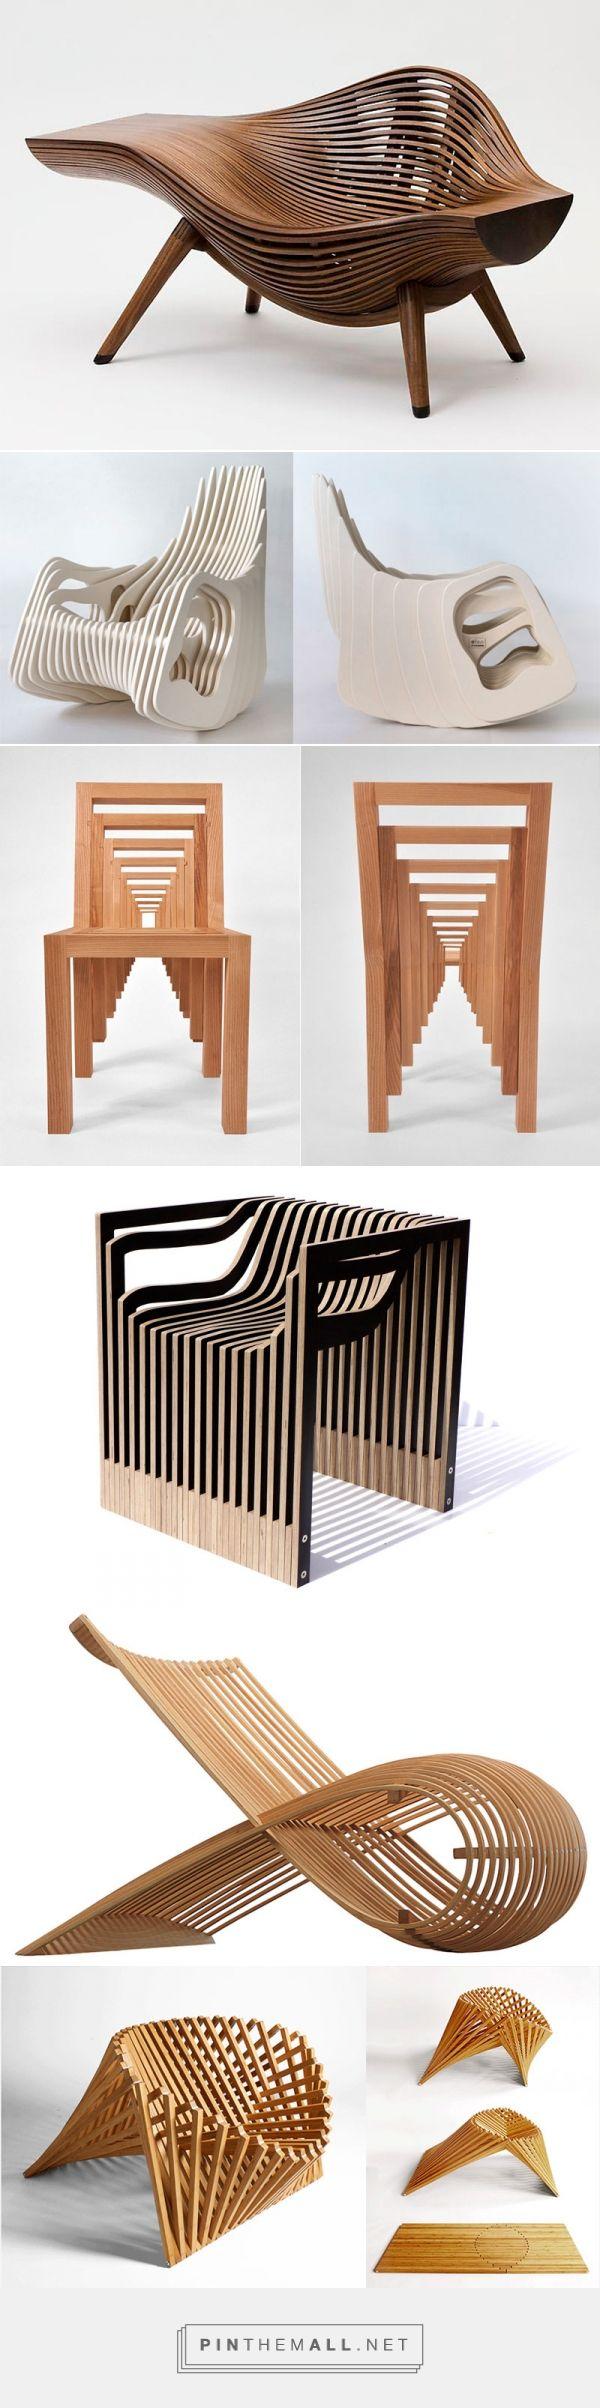 Le più originali sedie di design in legno!! | Quali sono le più originali sedie di design in legno? Difficile a dirsi perchè la creatività di artisti e designer sembra davvero illimitata. Eccone qui alcune… tanto per cominciare!